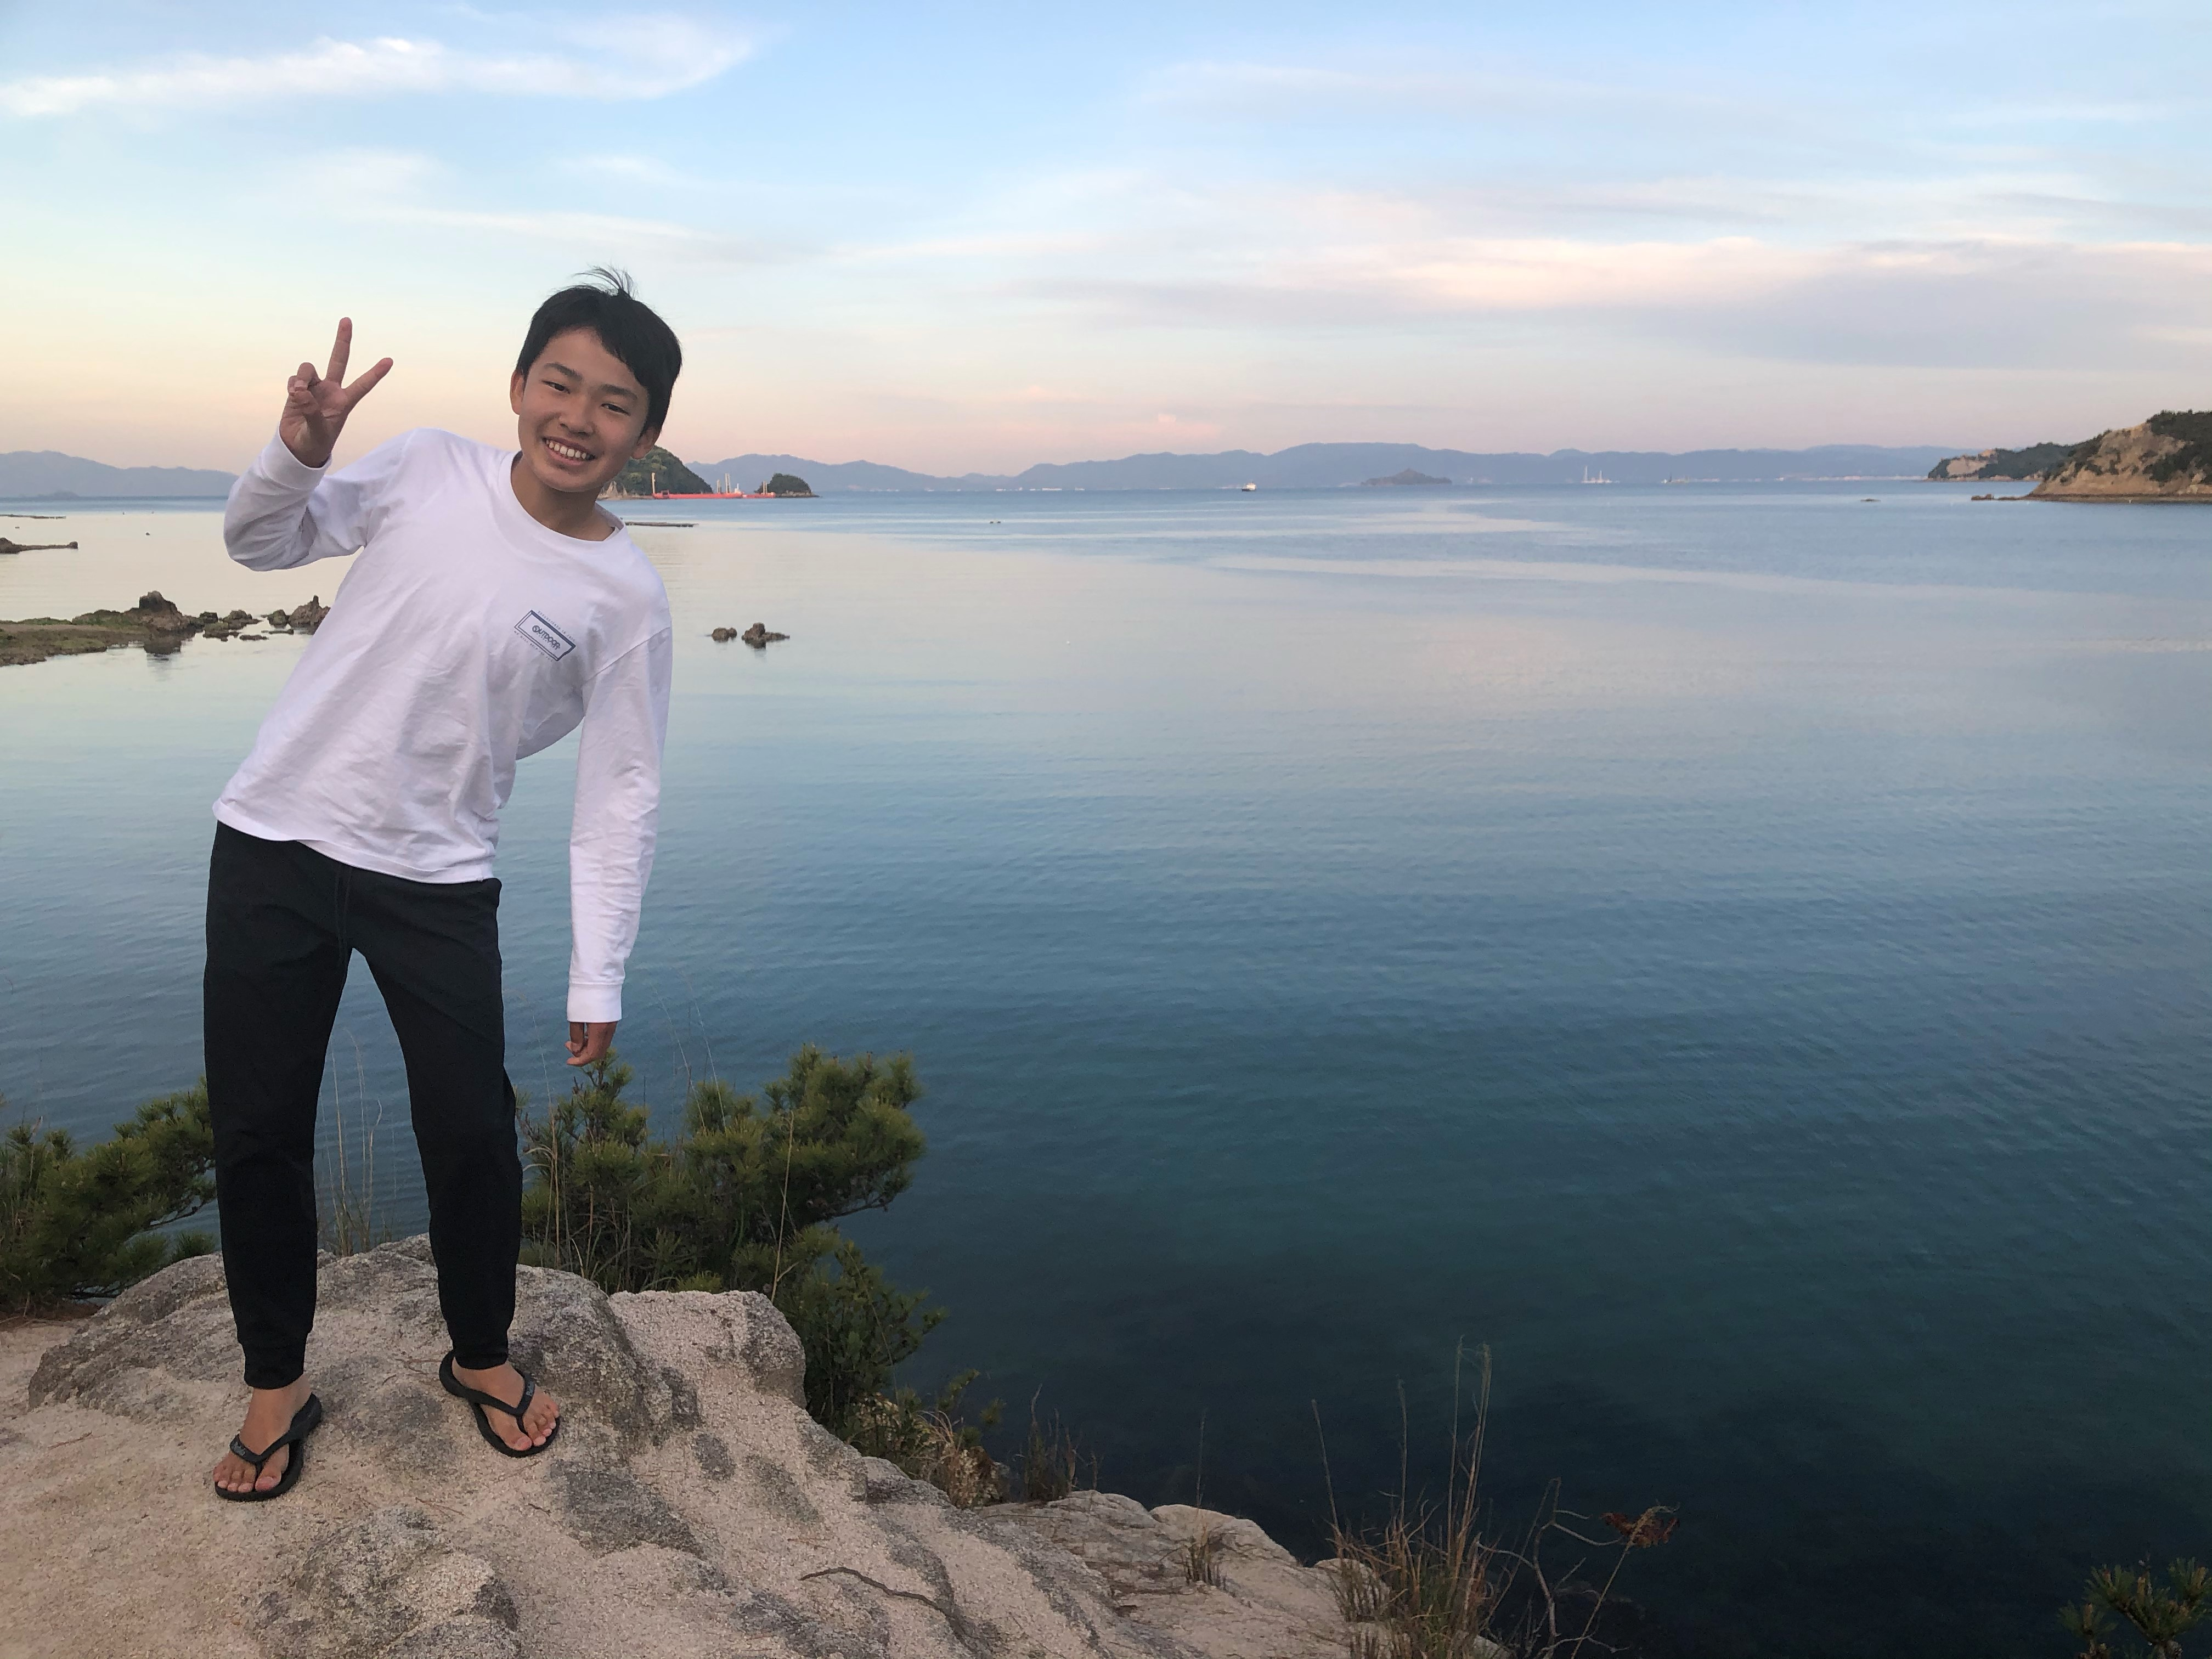 山に登ってピースをしている息子さんの写真